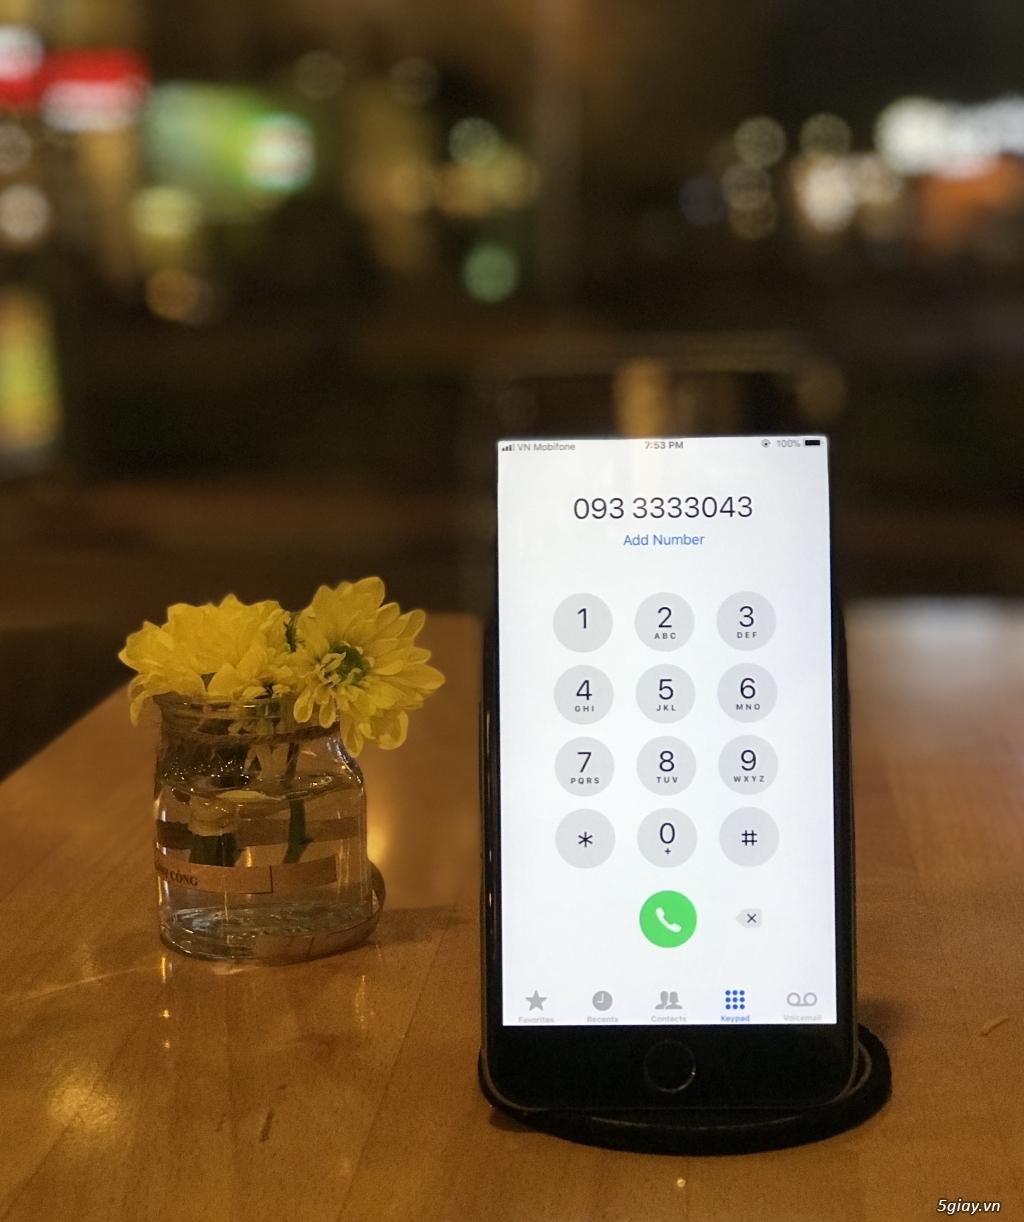 iPhone 6 Plus Gray 16Gb đẹp 98%, Hàng Mỹ, Quốc Tế, Nguyên Zin Giá tốt - 3